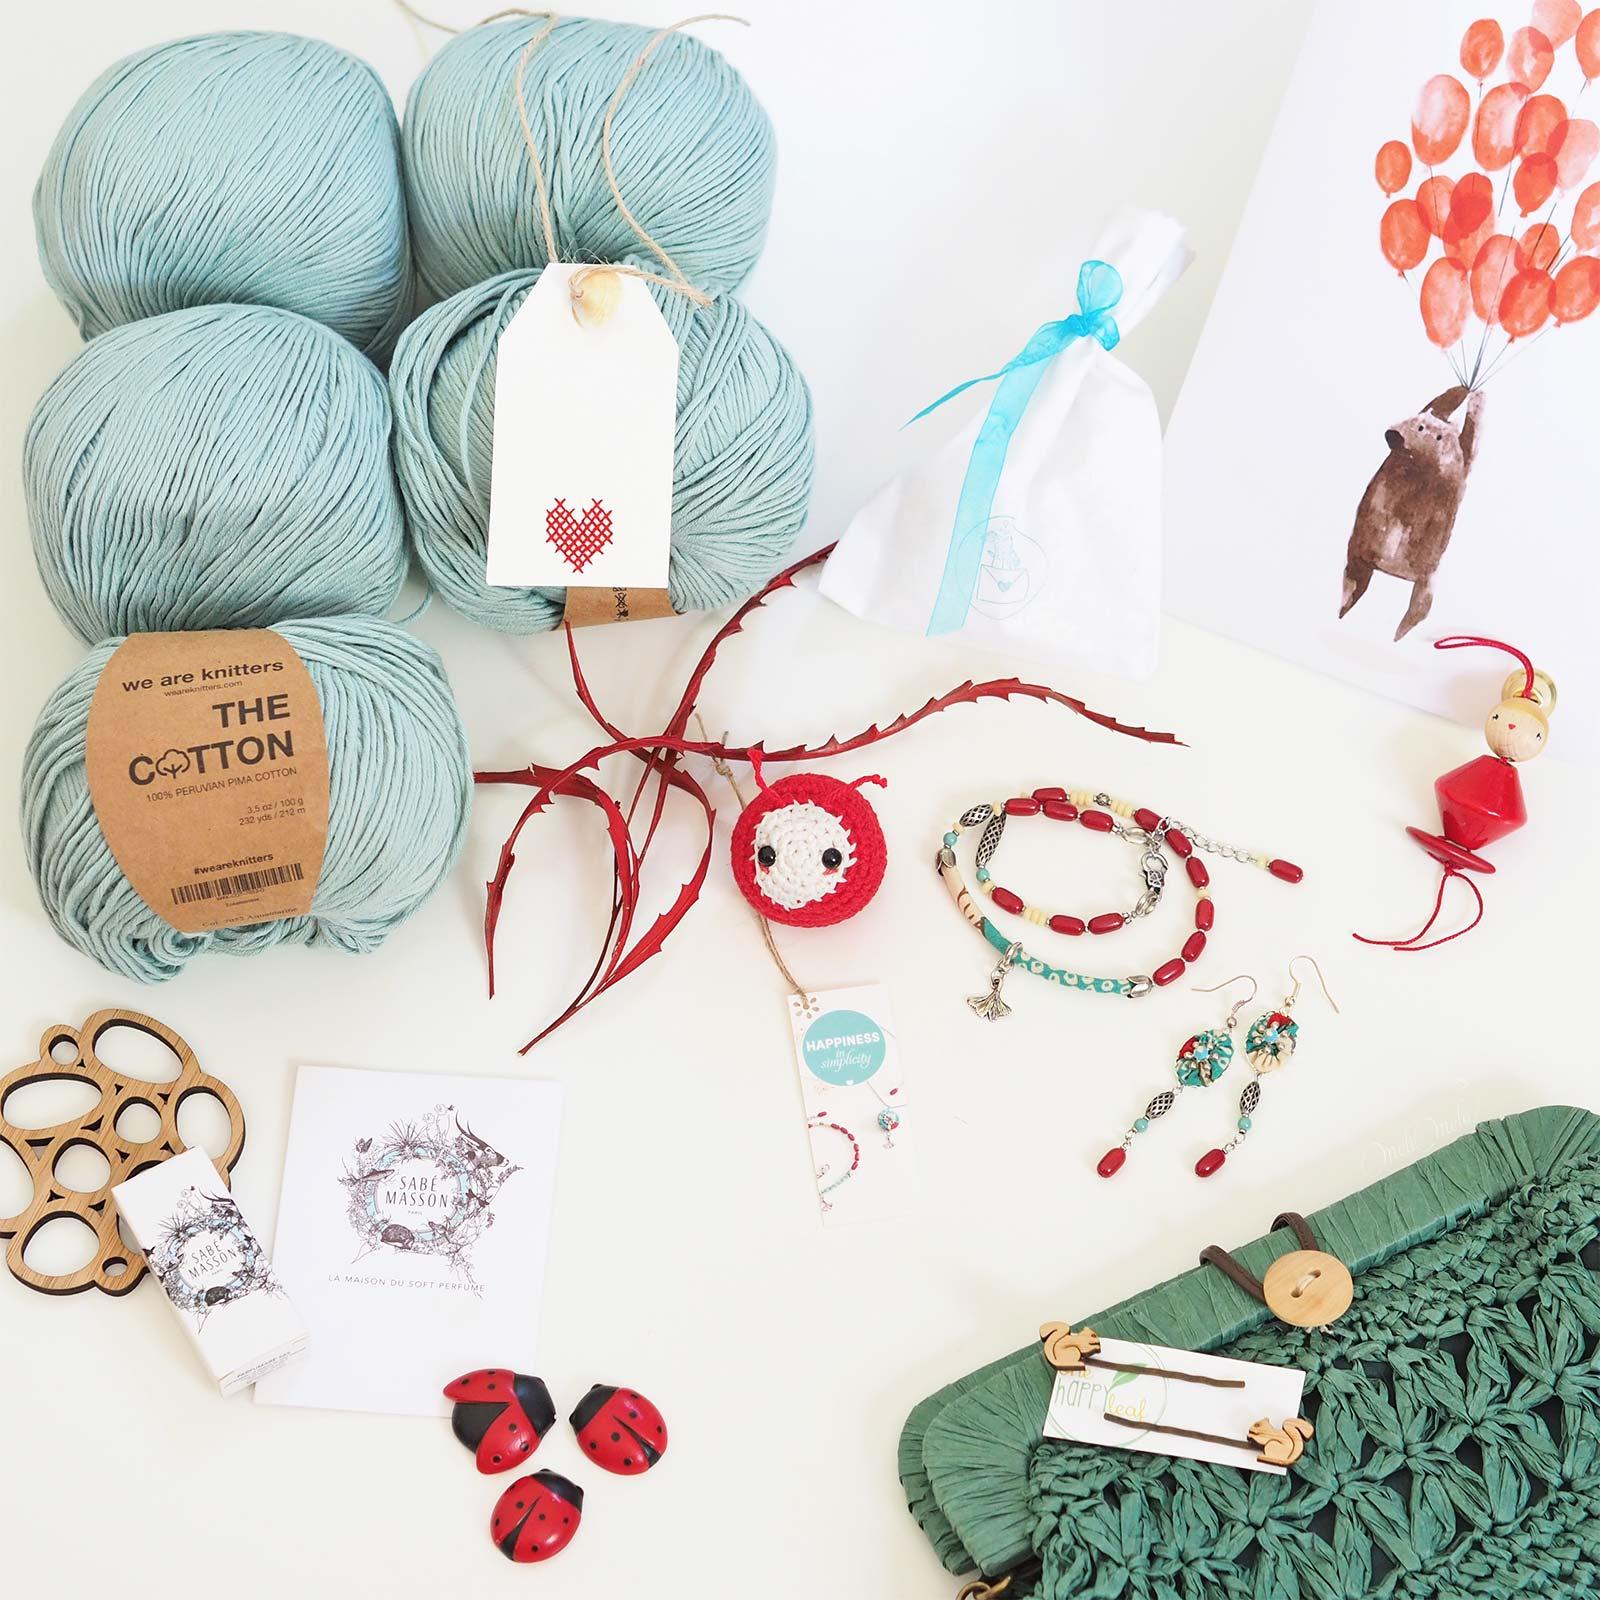 trésors créations pima cotton aquamarine we are knitters bijoux rouge laboutiquedemelimelo